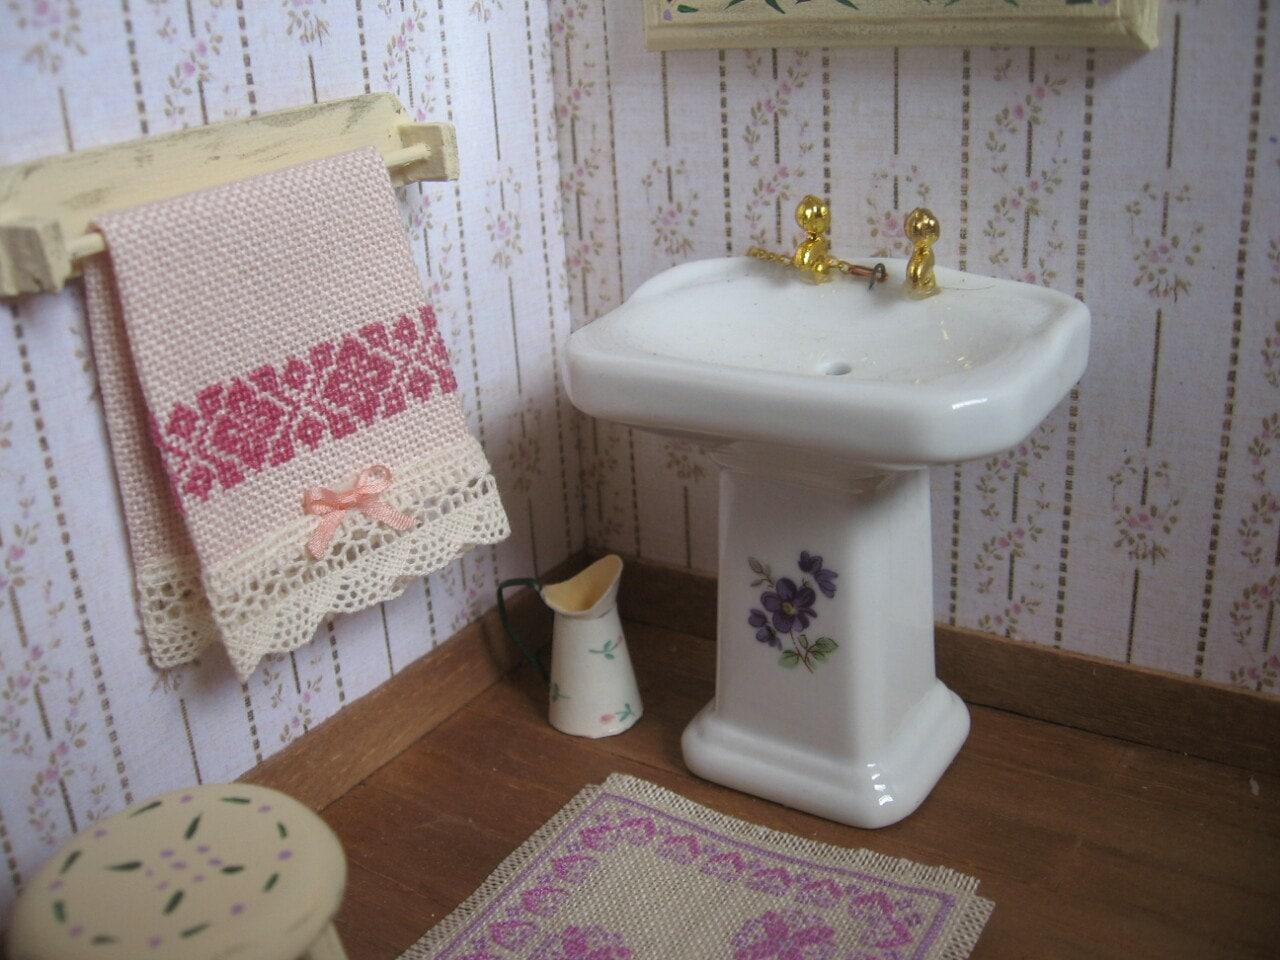 Toallas bordadas a punto de cruz accesorios baño miniatura